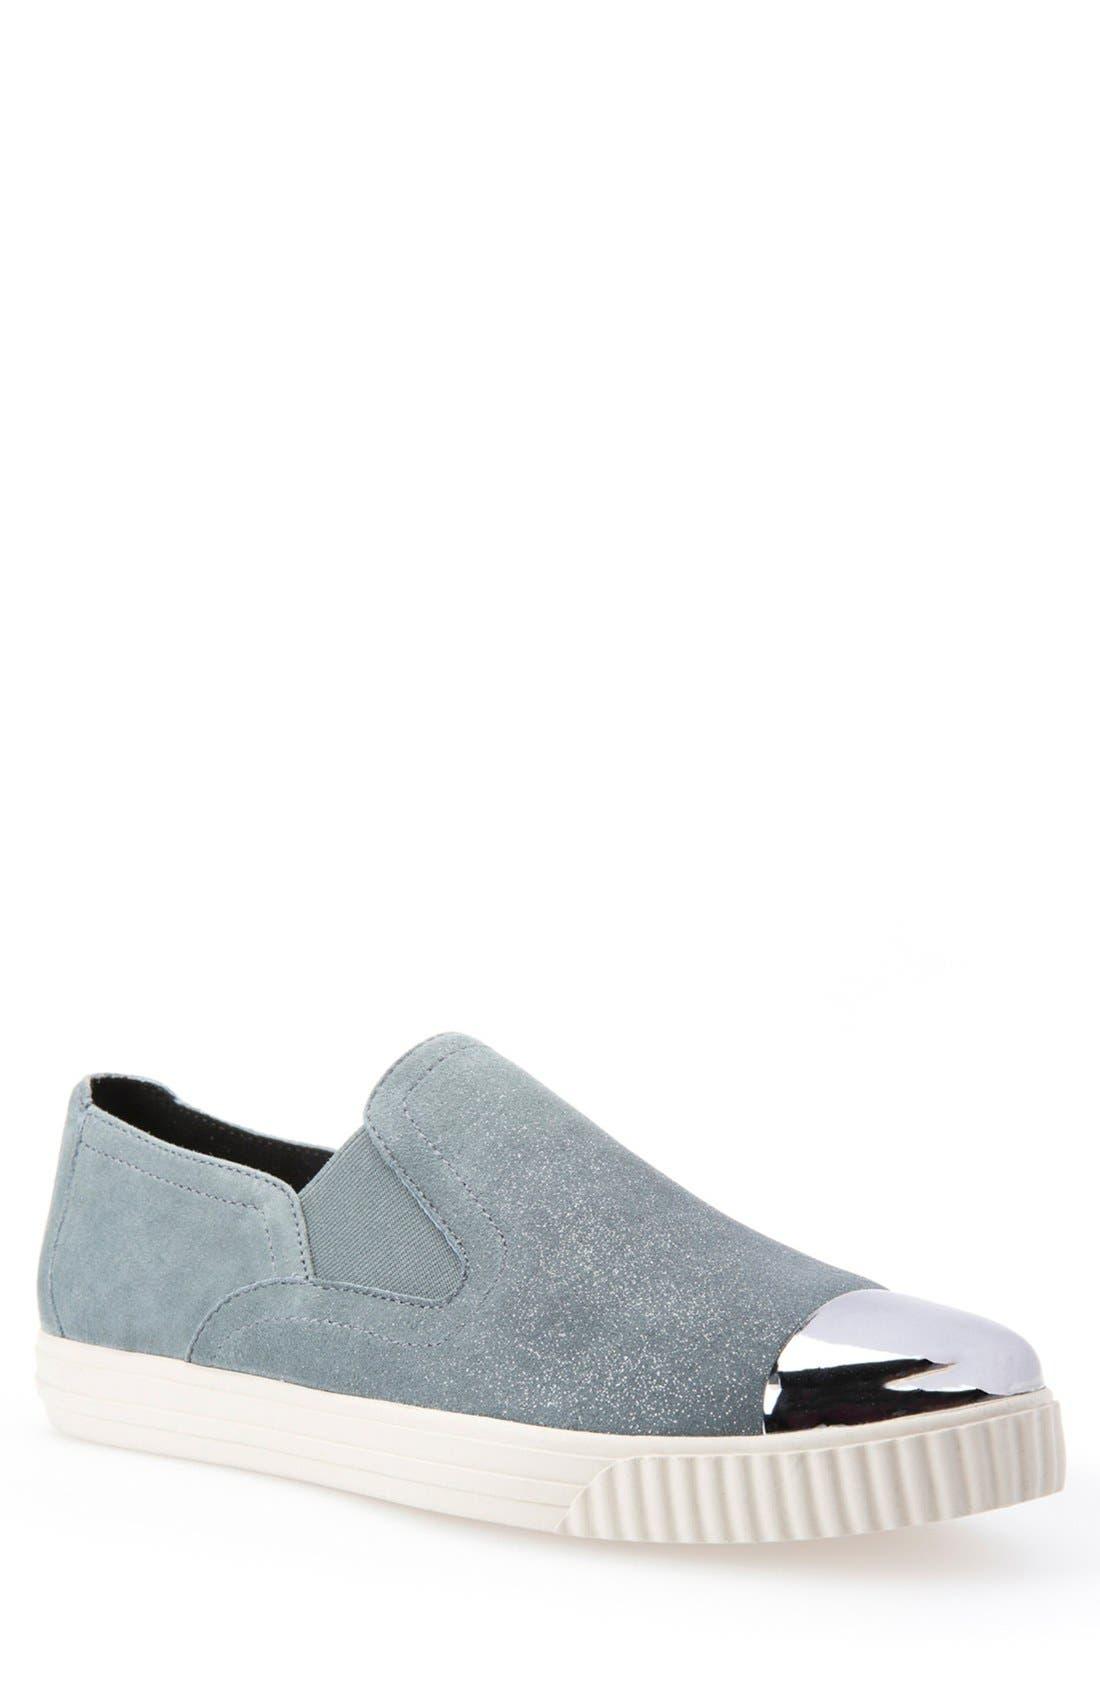 Alternate Image 1 Selected - Geox 'Amalthia' Cap Toe Sneaker (Women)